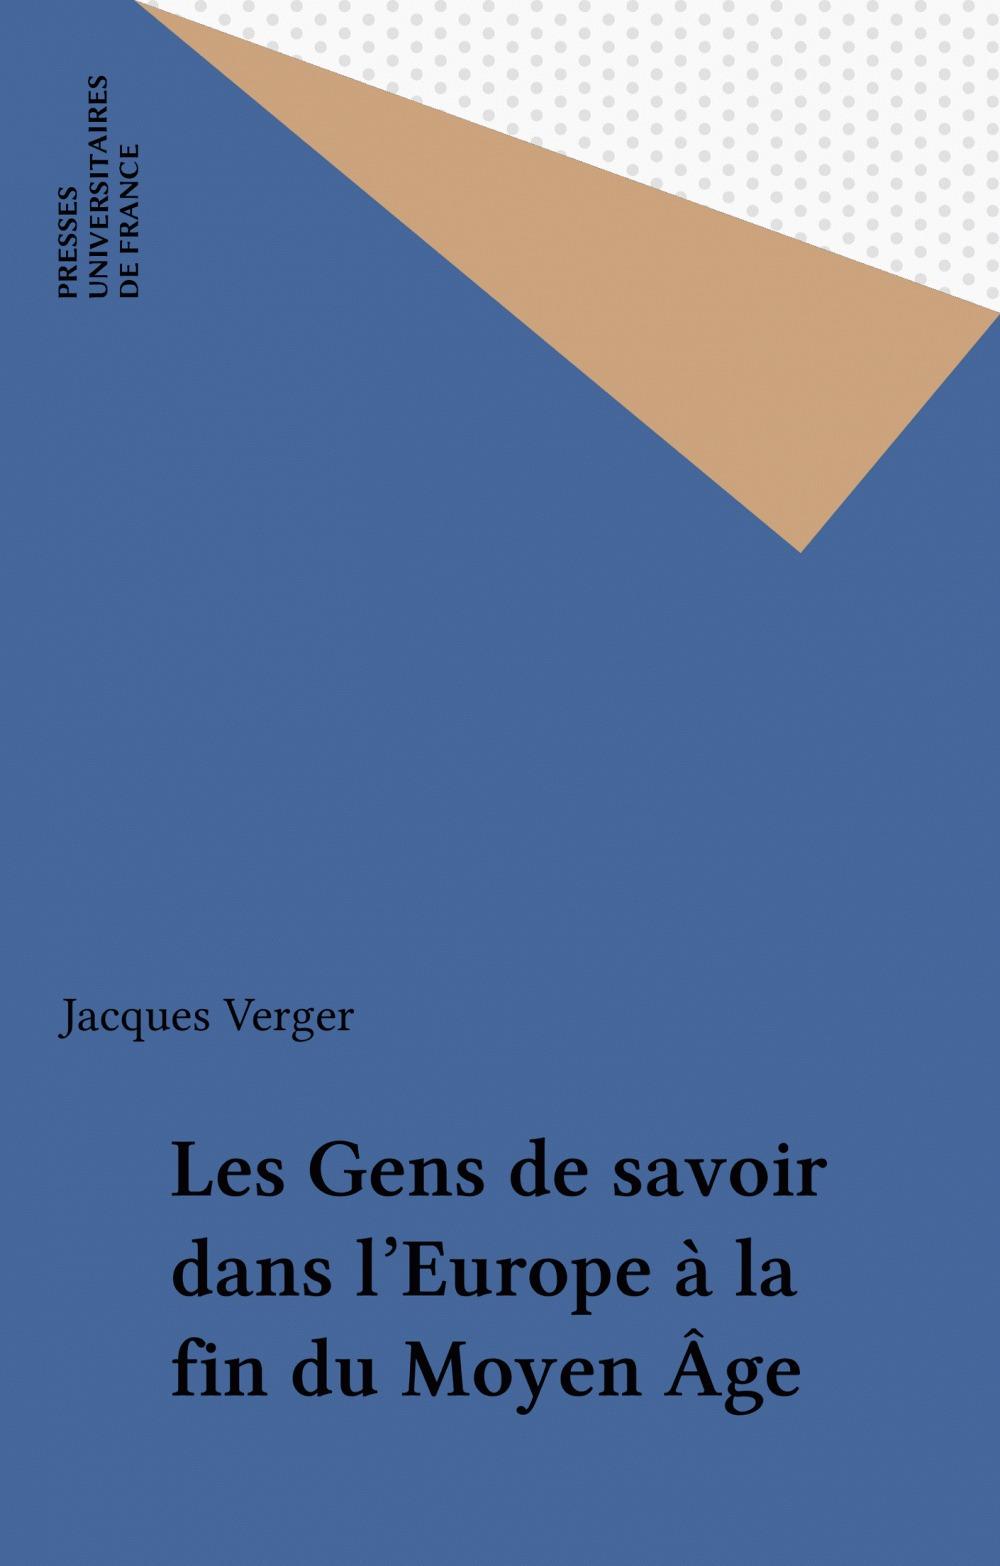 Les Gens de savoir dans l'Europe à la fin du Moyen Âge  - Jacques Verger